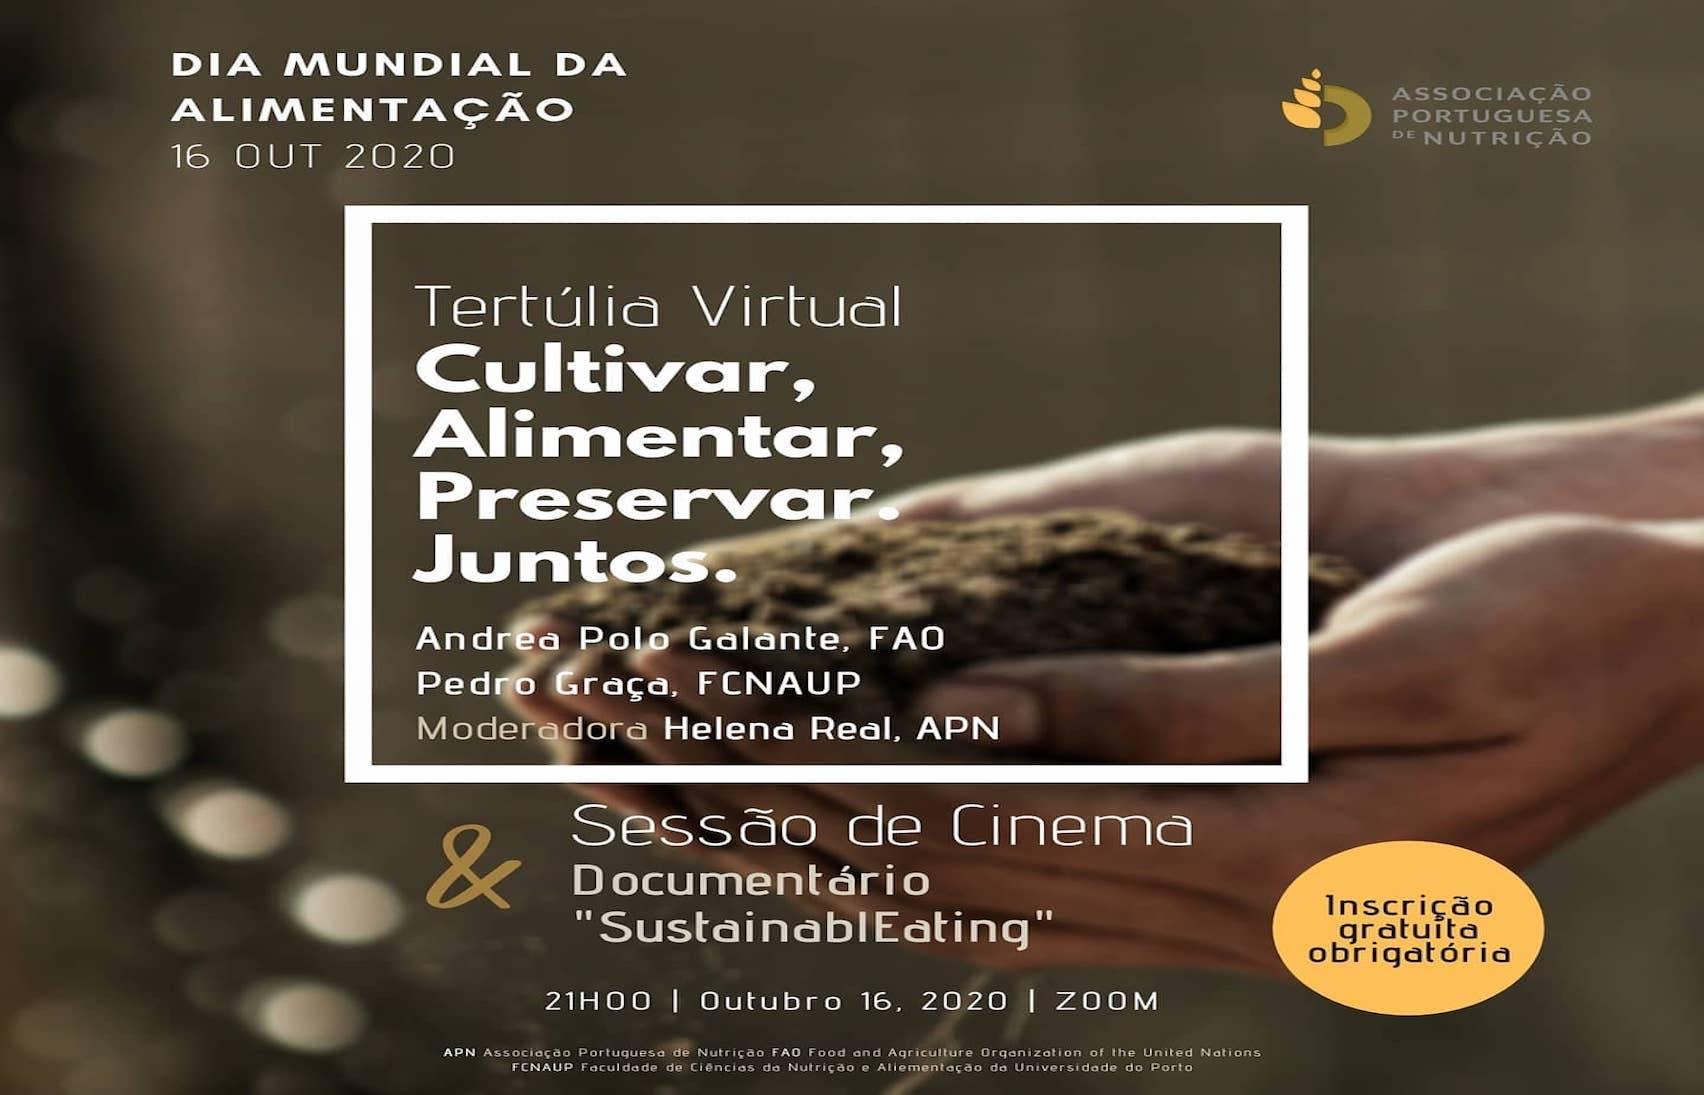 Tertúlia Virtual Associação Portuguesa Nutrição - Cultivar, Alimentar, Preservar. Juntos.